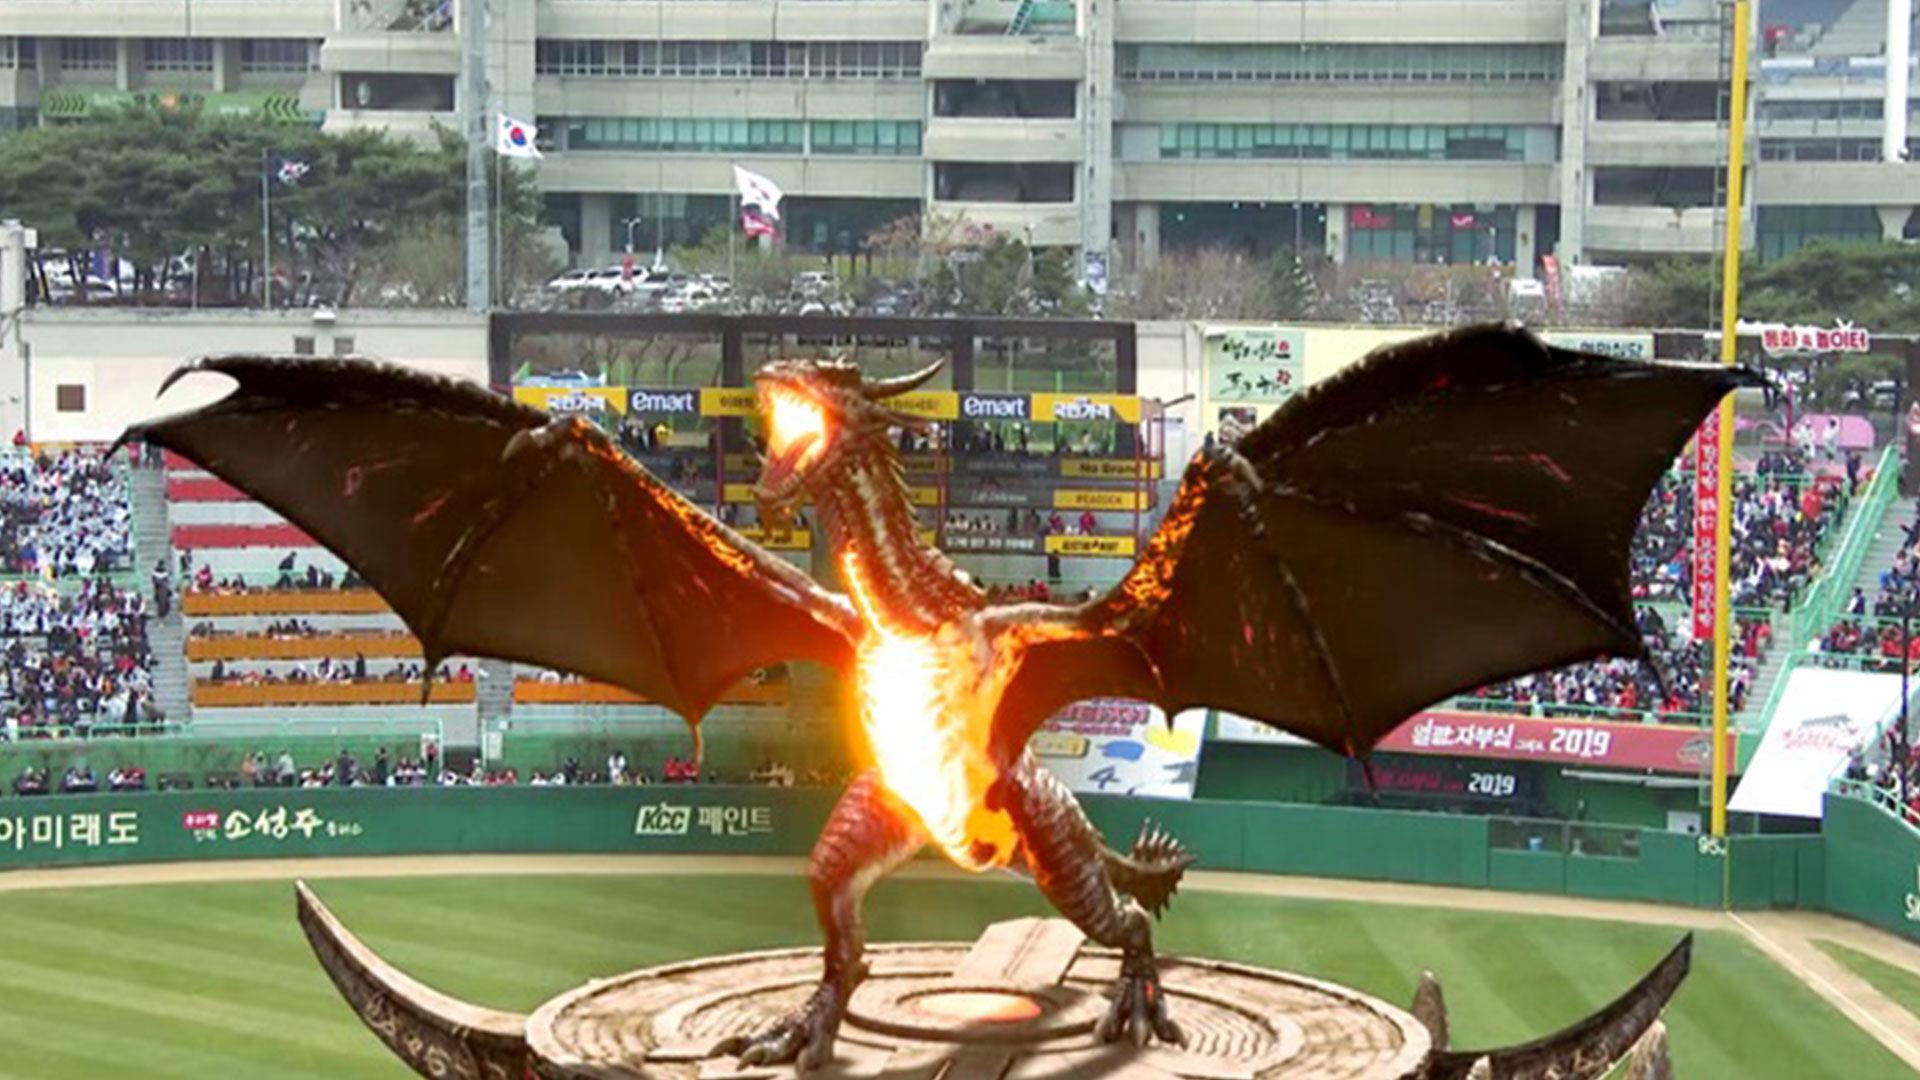 Een draak steelt de show tijdens Korean Pro Baseball seizoensopening